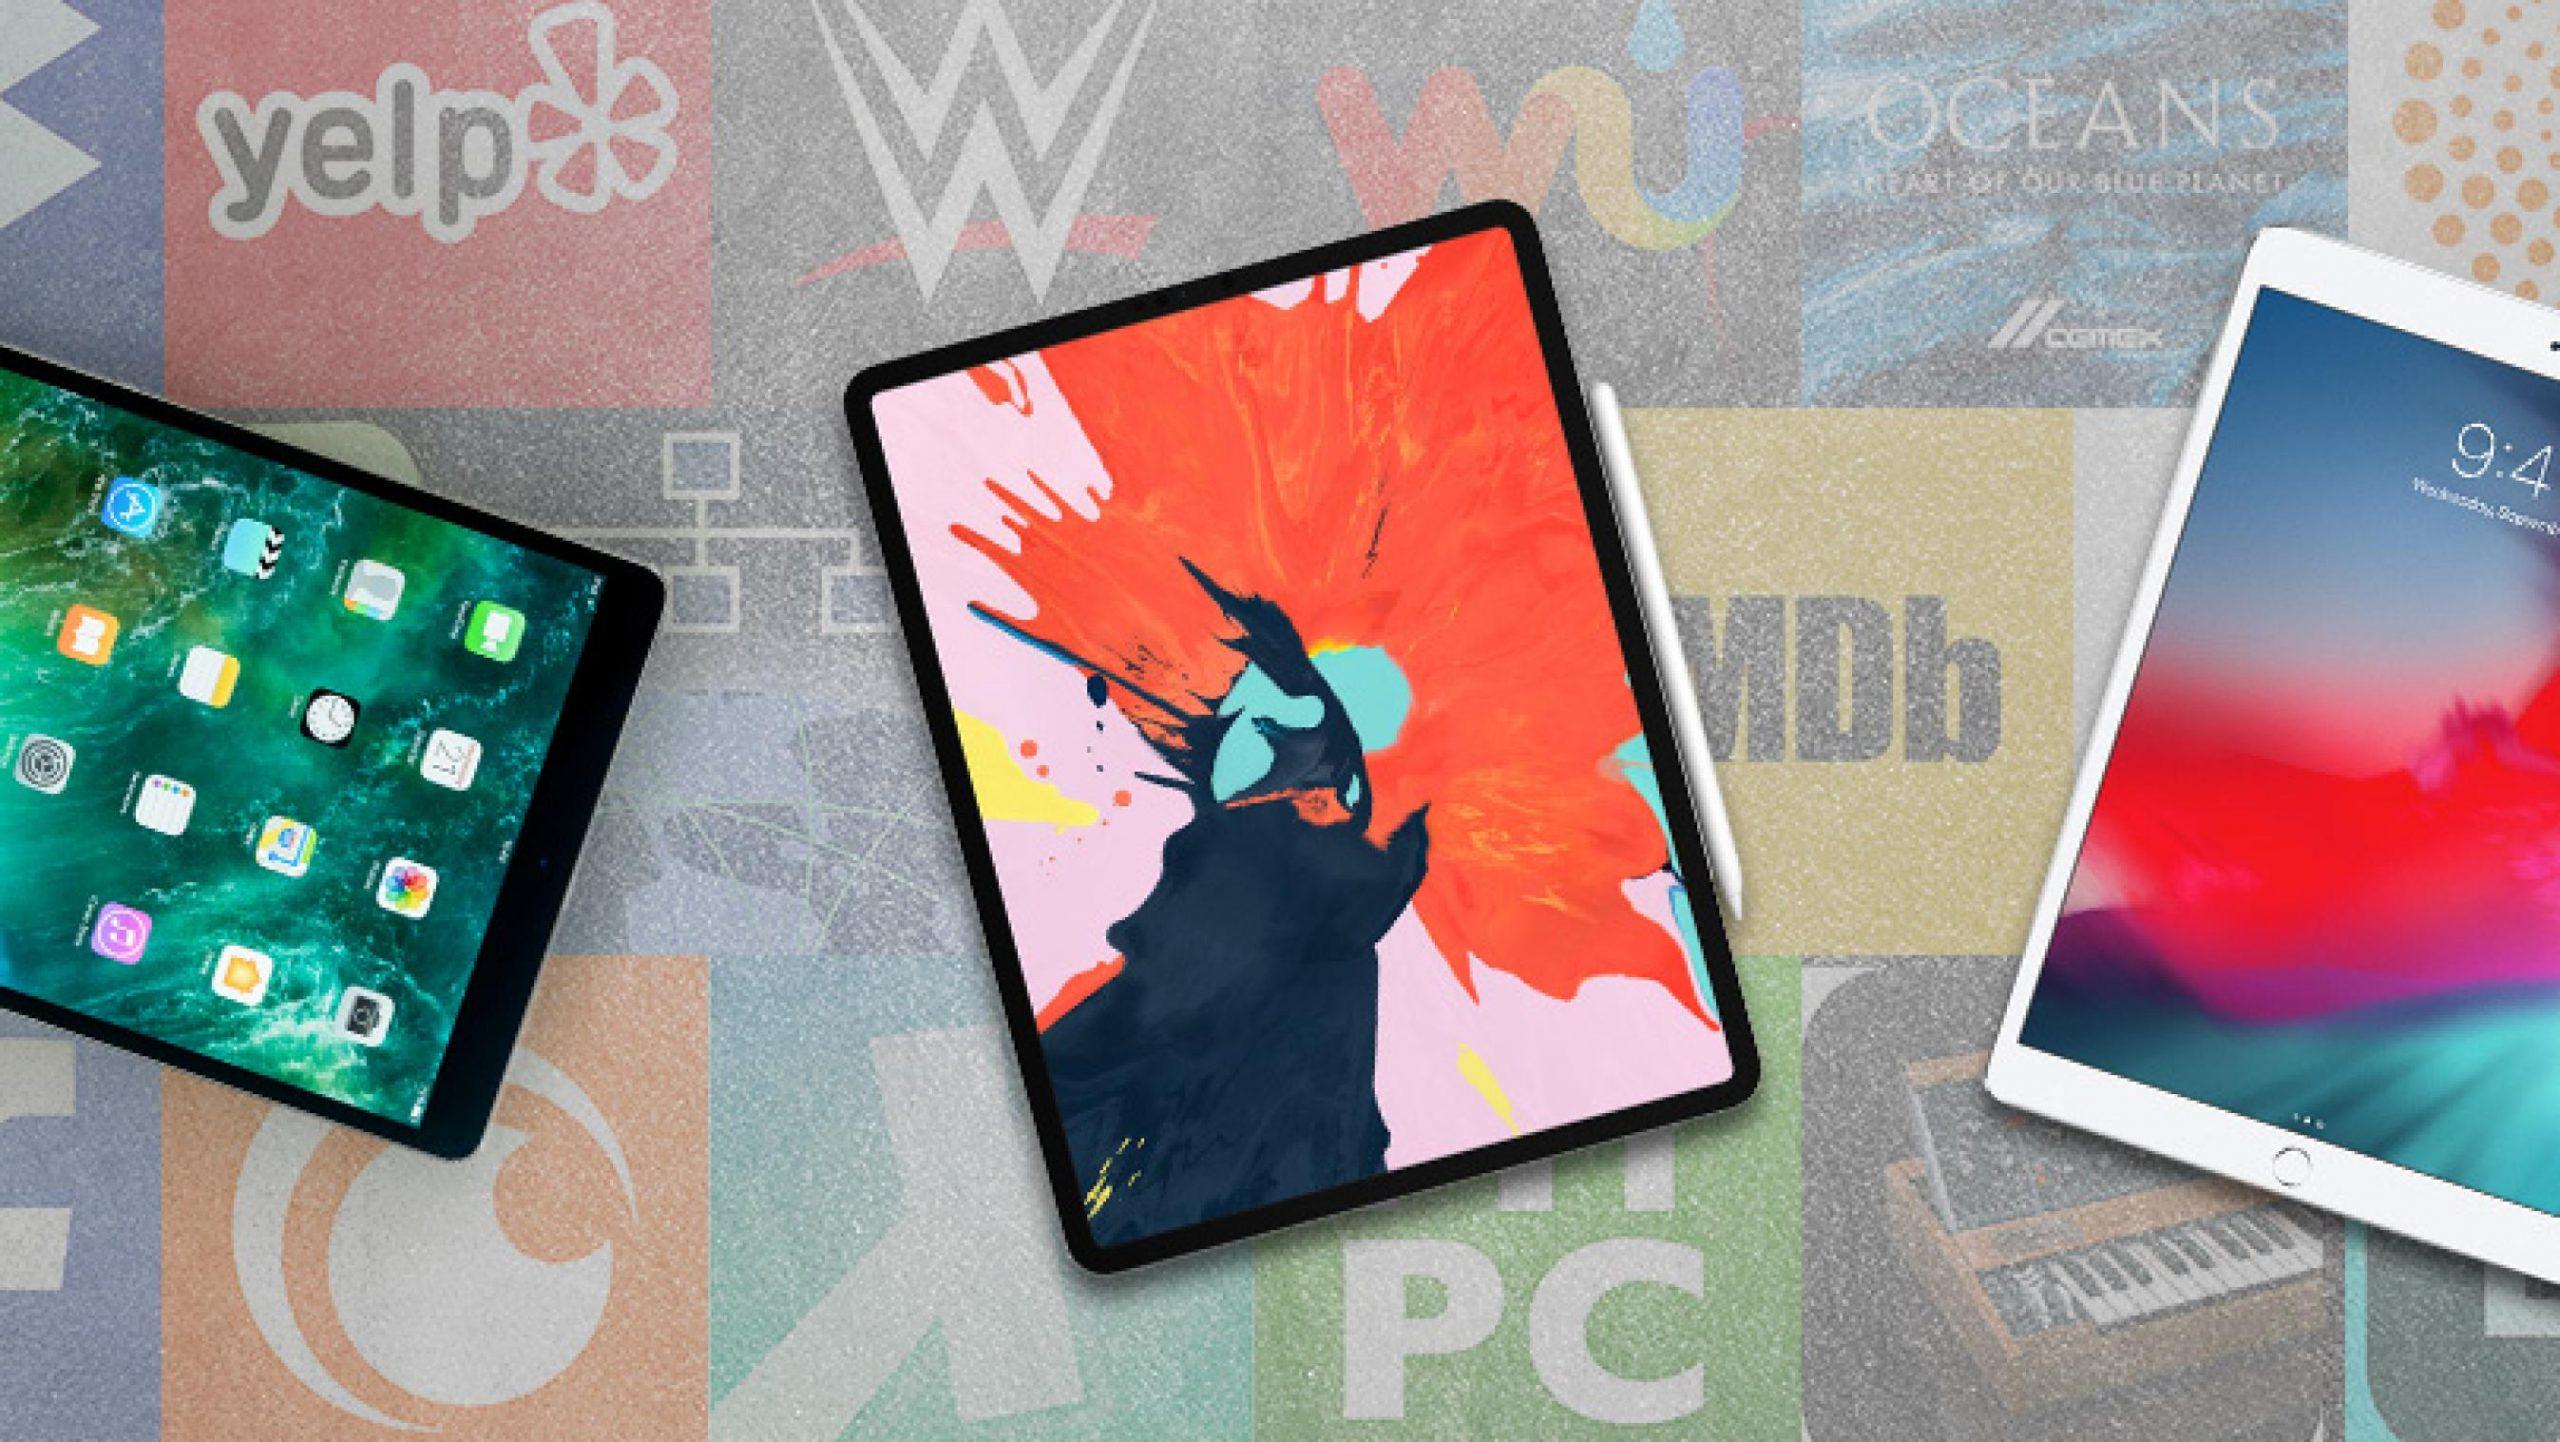 أفضل تطبيقات iPhone و iPad لمصمم جرافيك في 2020